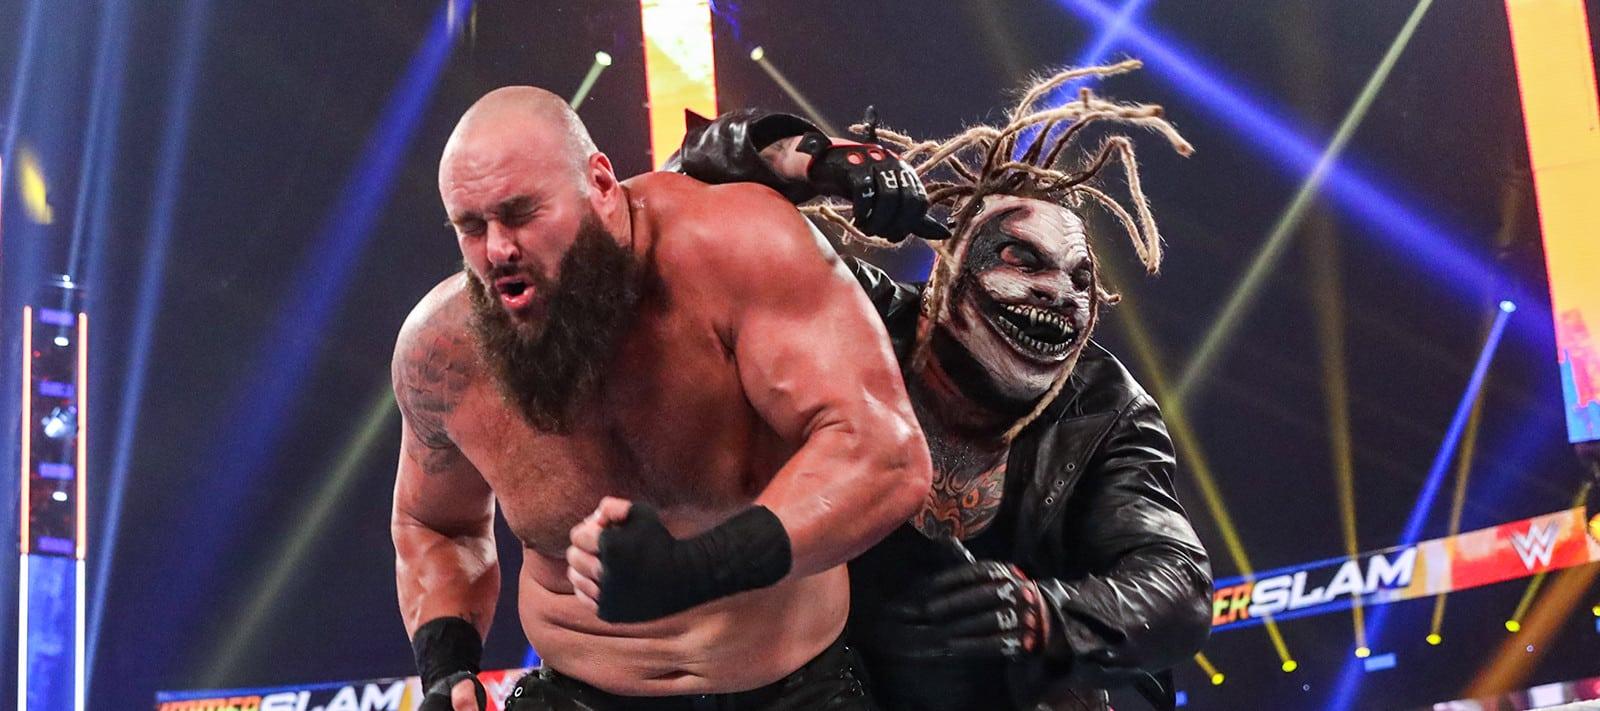 Strowman vs Wyatt SummerSlam